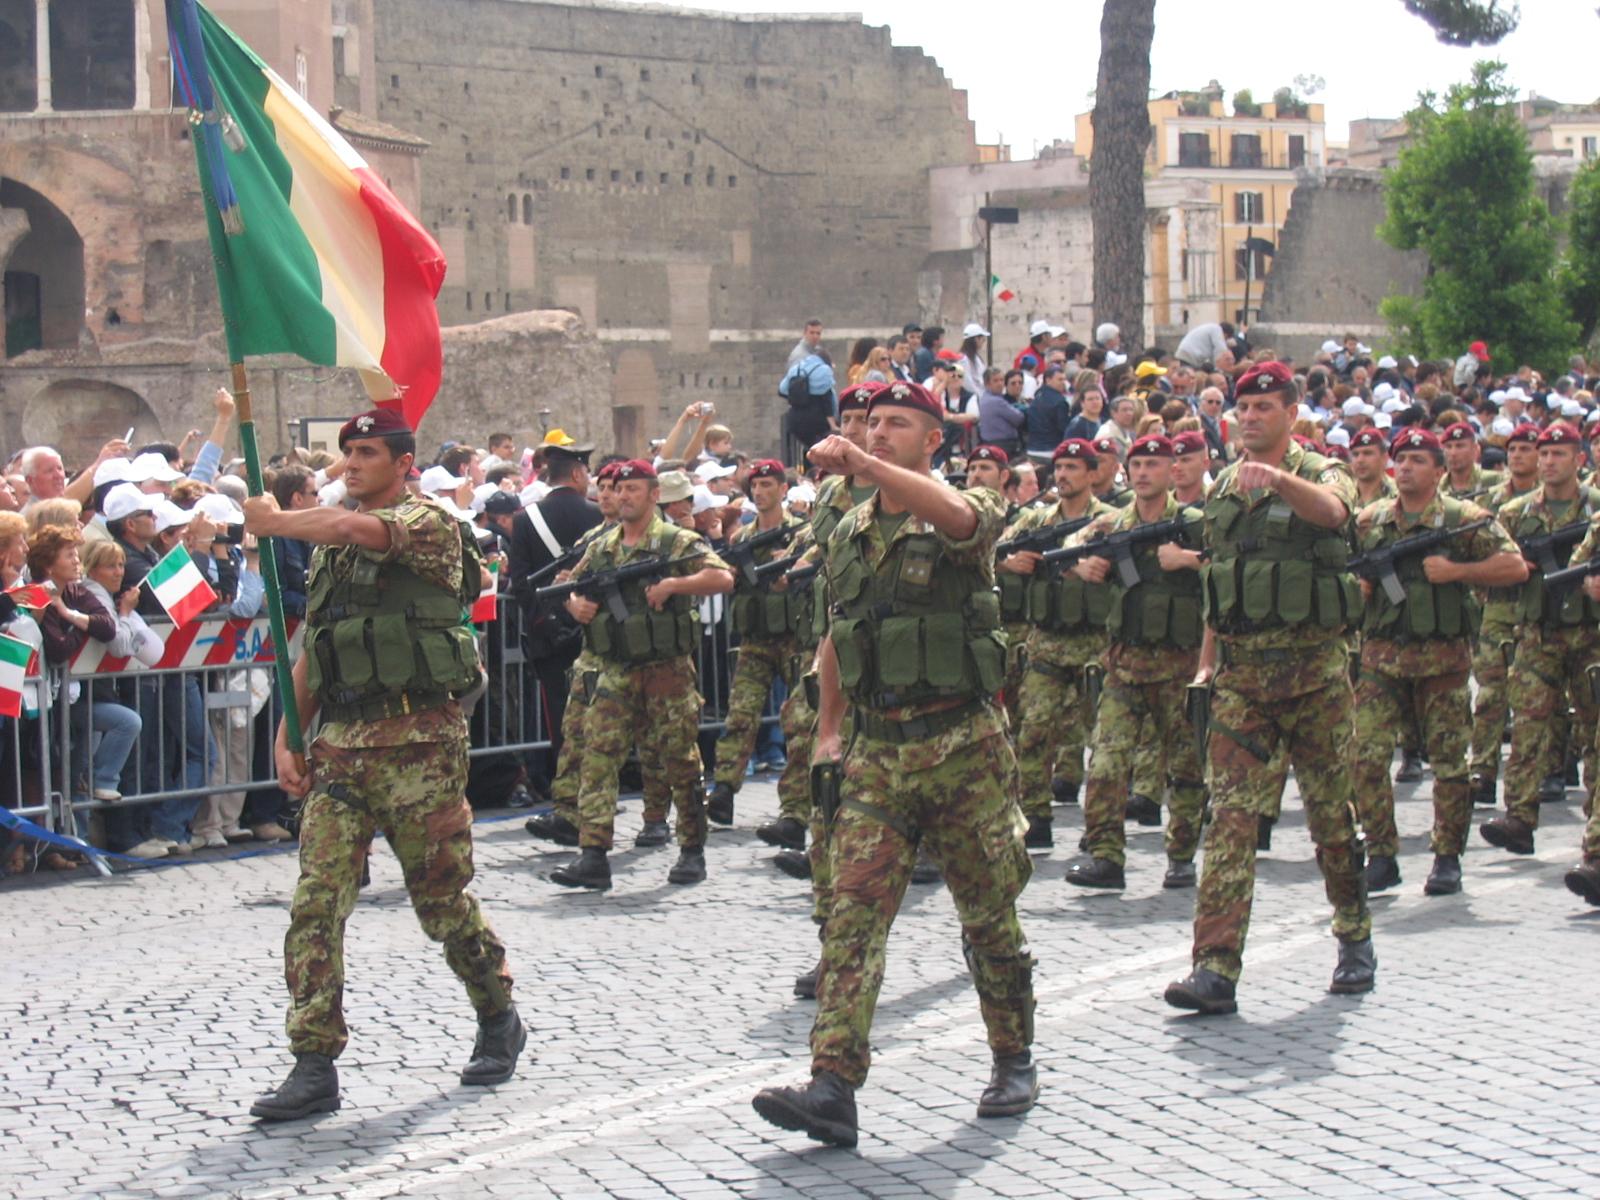 1st Paratroopers Carabinieri Regiment